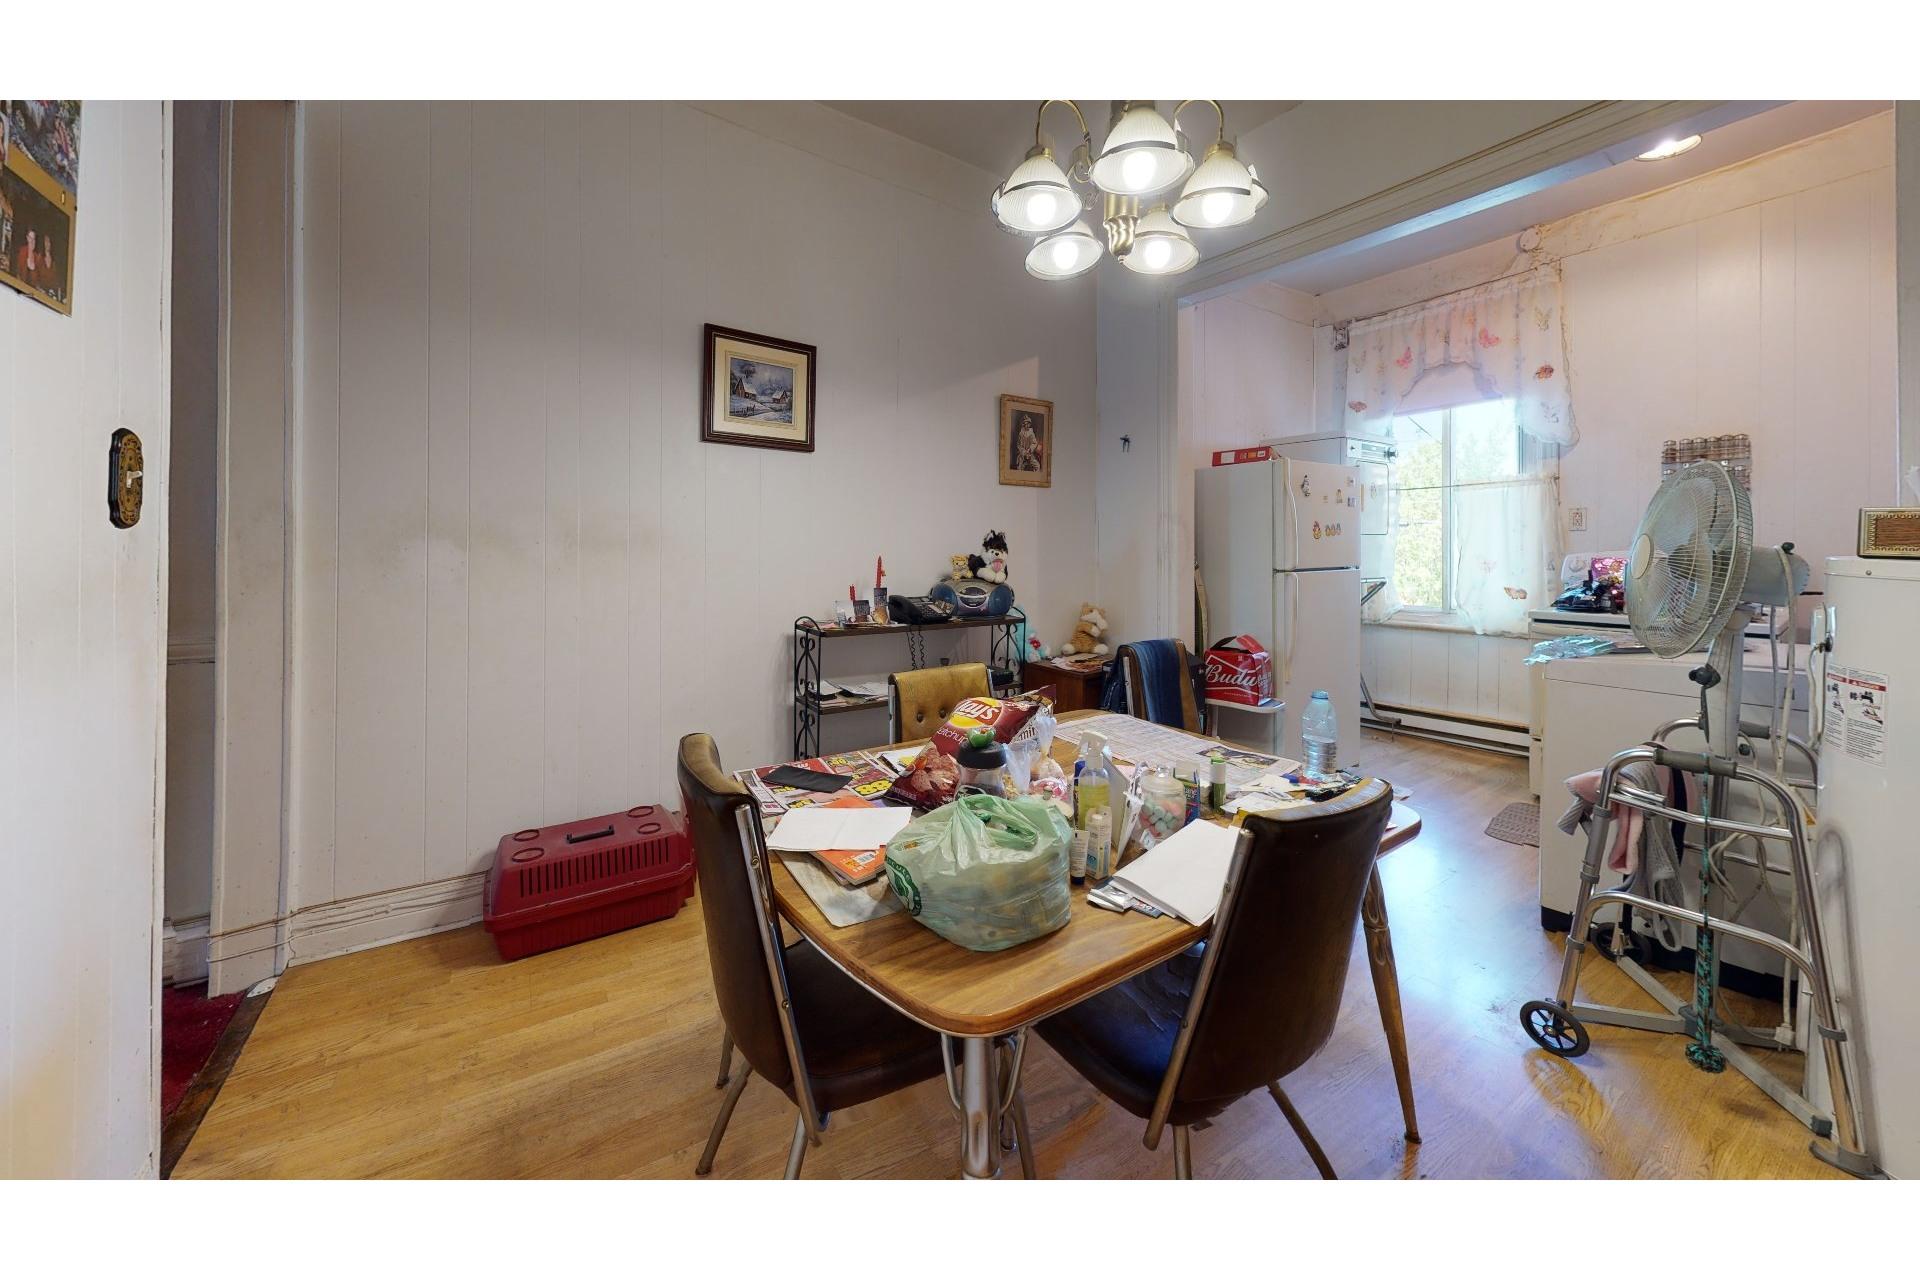 image 29 - Duplex À vendre Rosemont/La Petite-Patrie Montréal  - 4 pièces